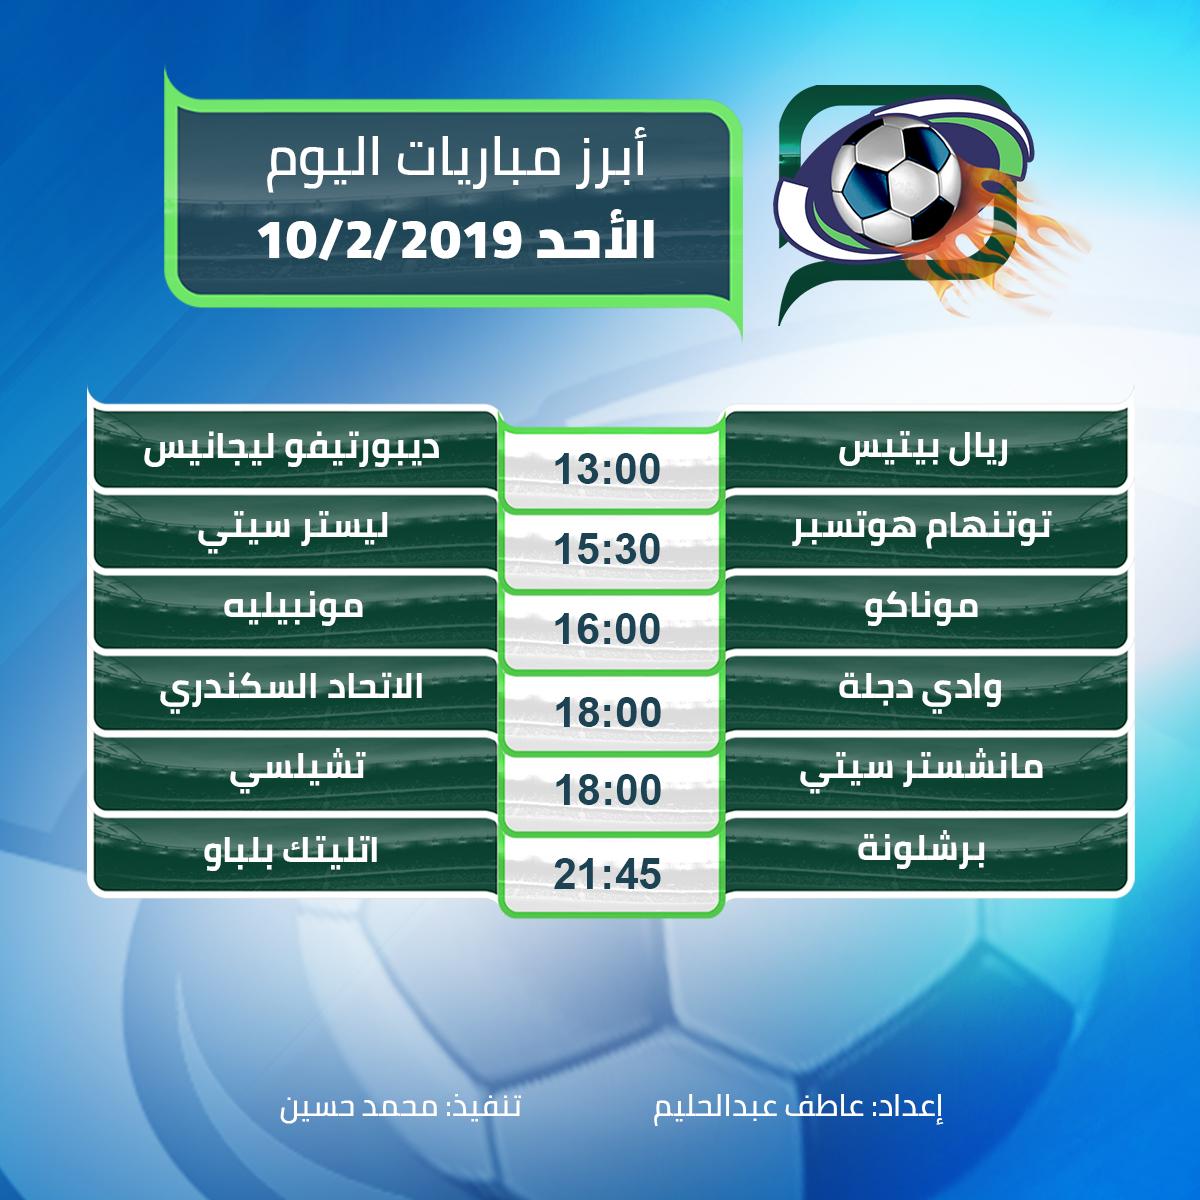 أبرز مباريات اليوم الأحد  10/2/2019